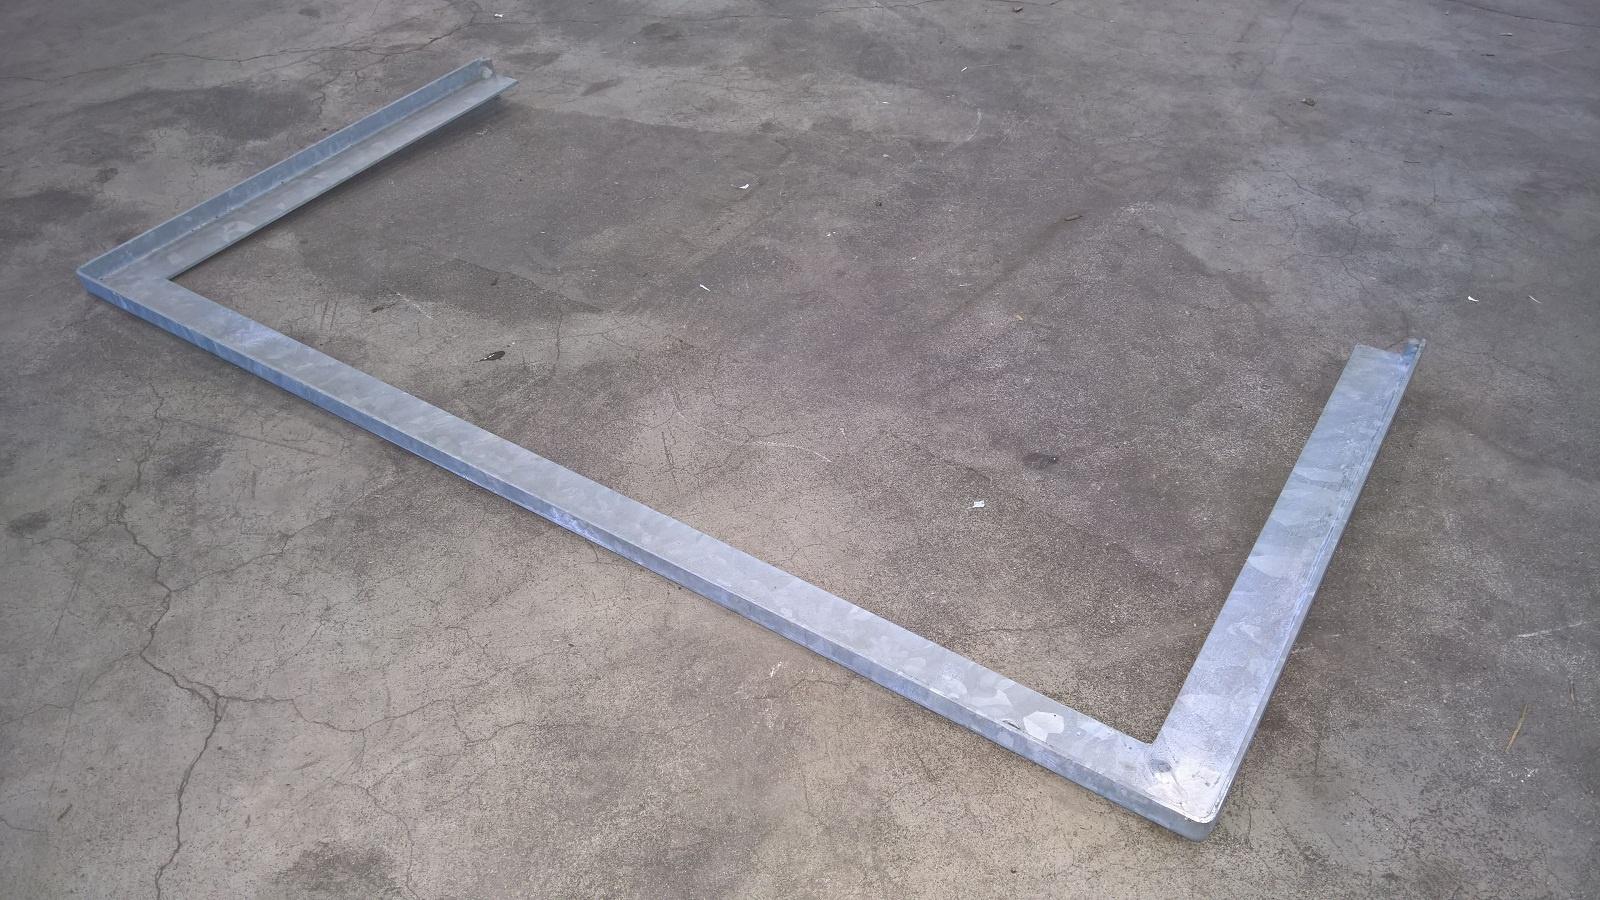 MEA zesilovací rám pro sklepní světlík MULTINORM 100x40 cm